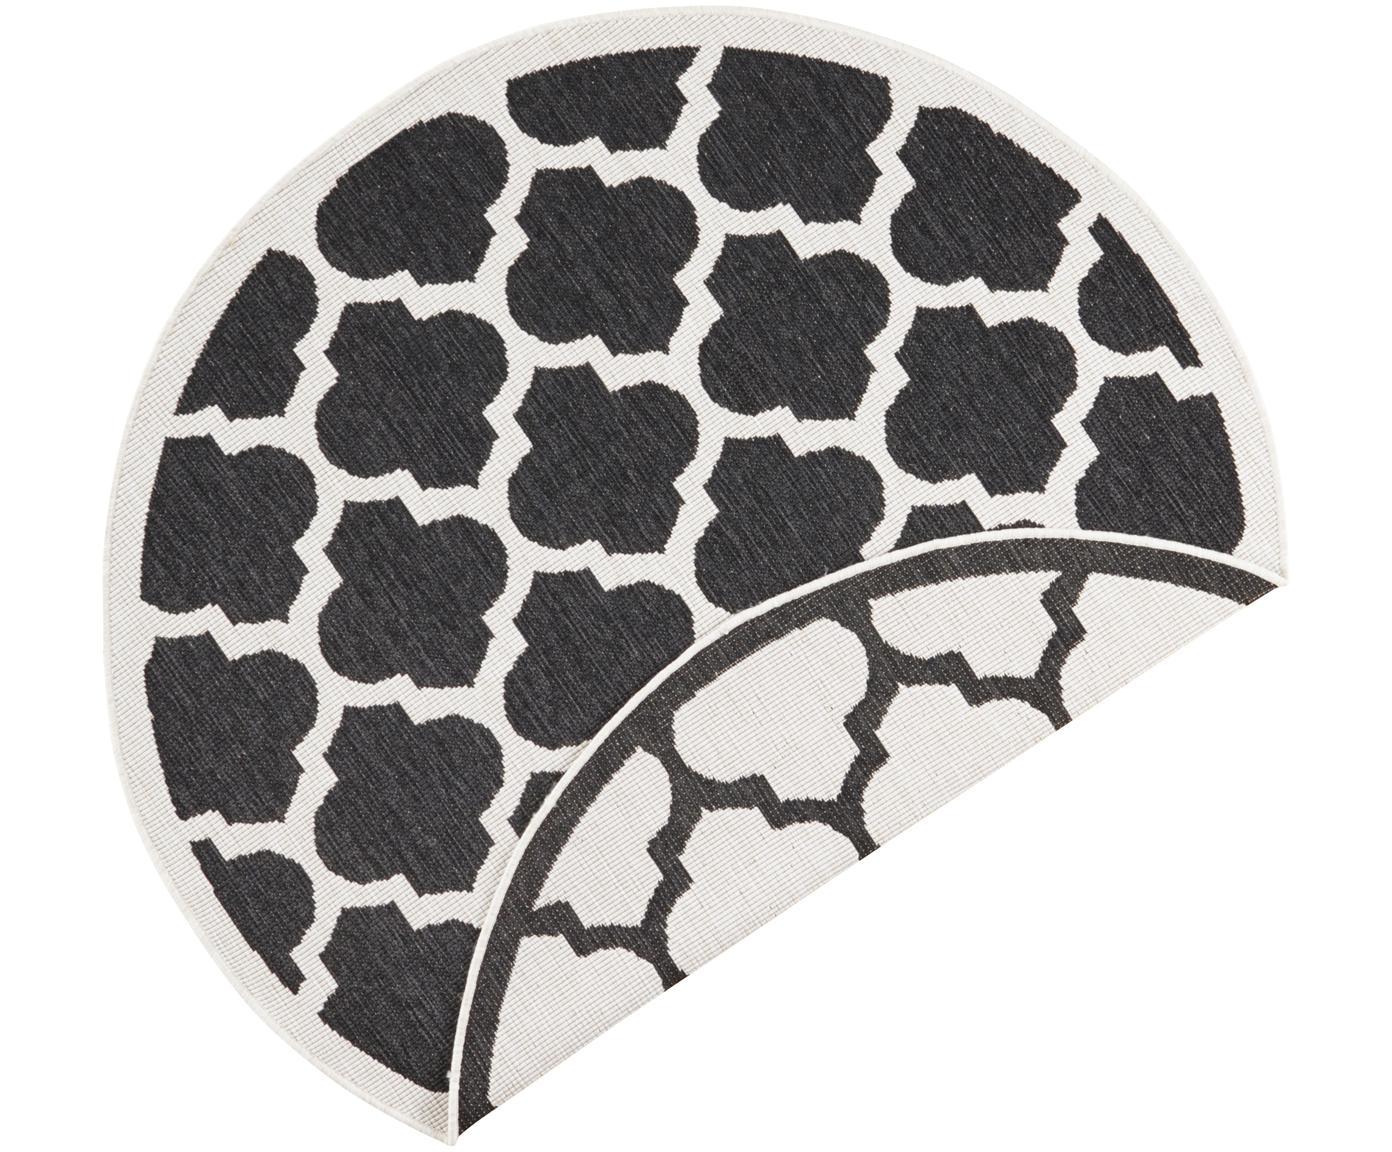 Tappeto rotondo da interno-esterno Palermo, Nero, crema, Ø 140 cm (taglia M)